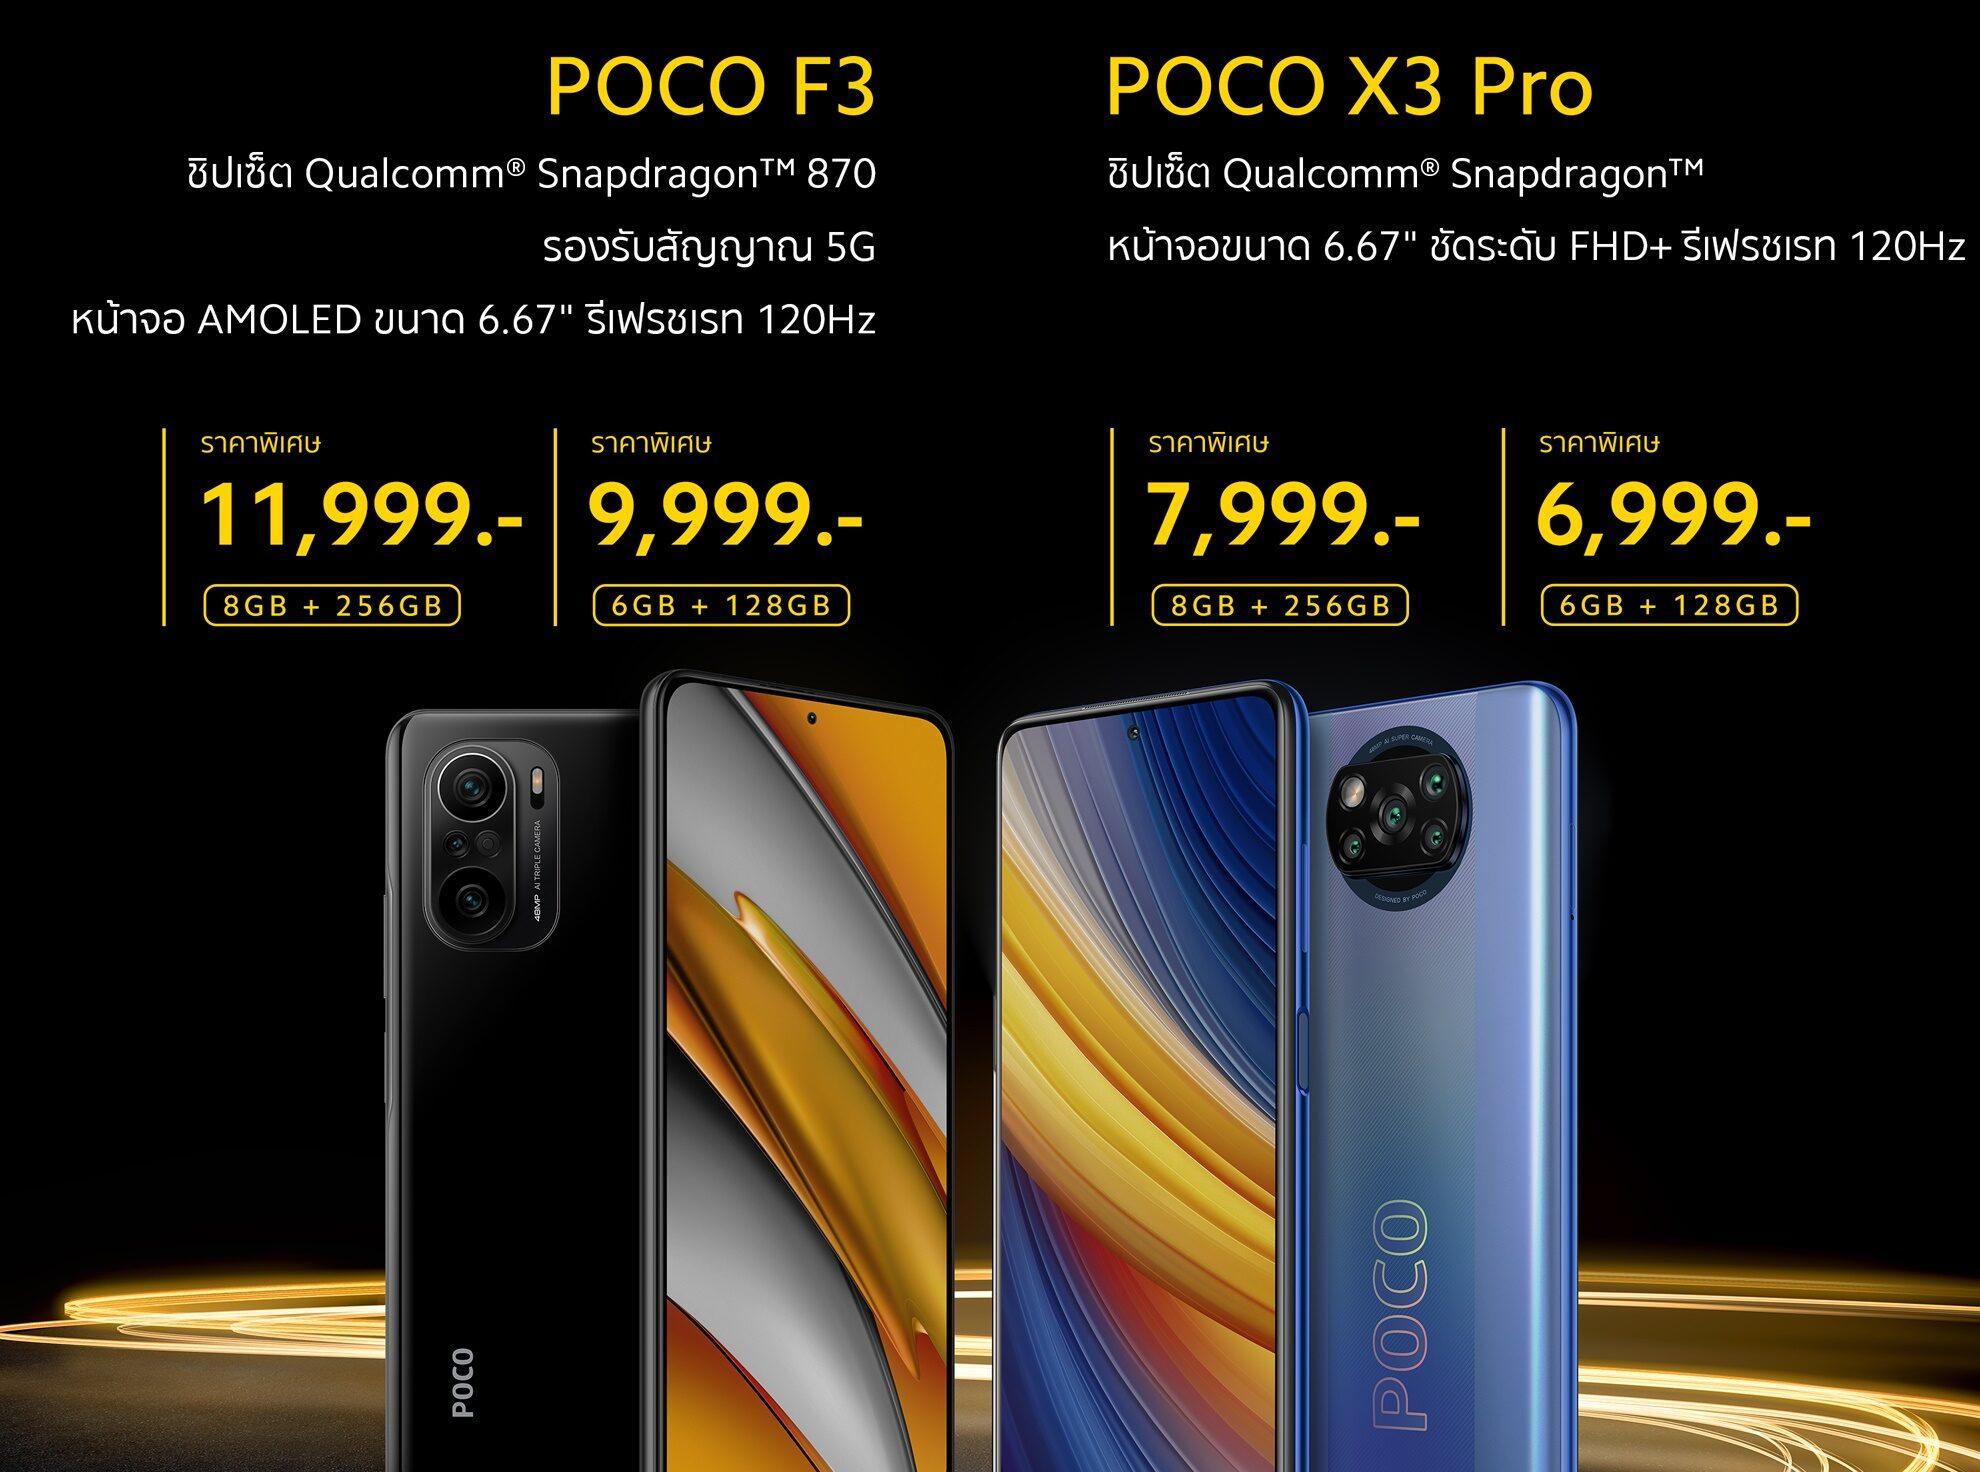 เปิดตัว POCO F3 - POCO X3 Pro สมาร์ทโฟนสเปคเทพ เอาใจคอเกม